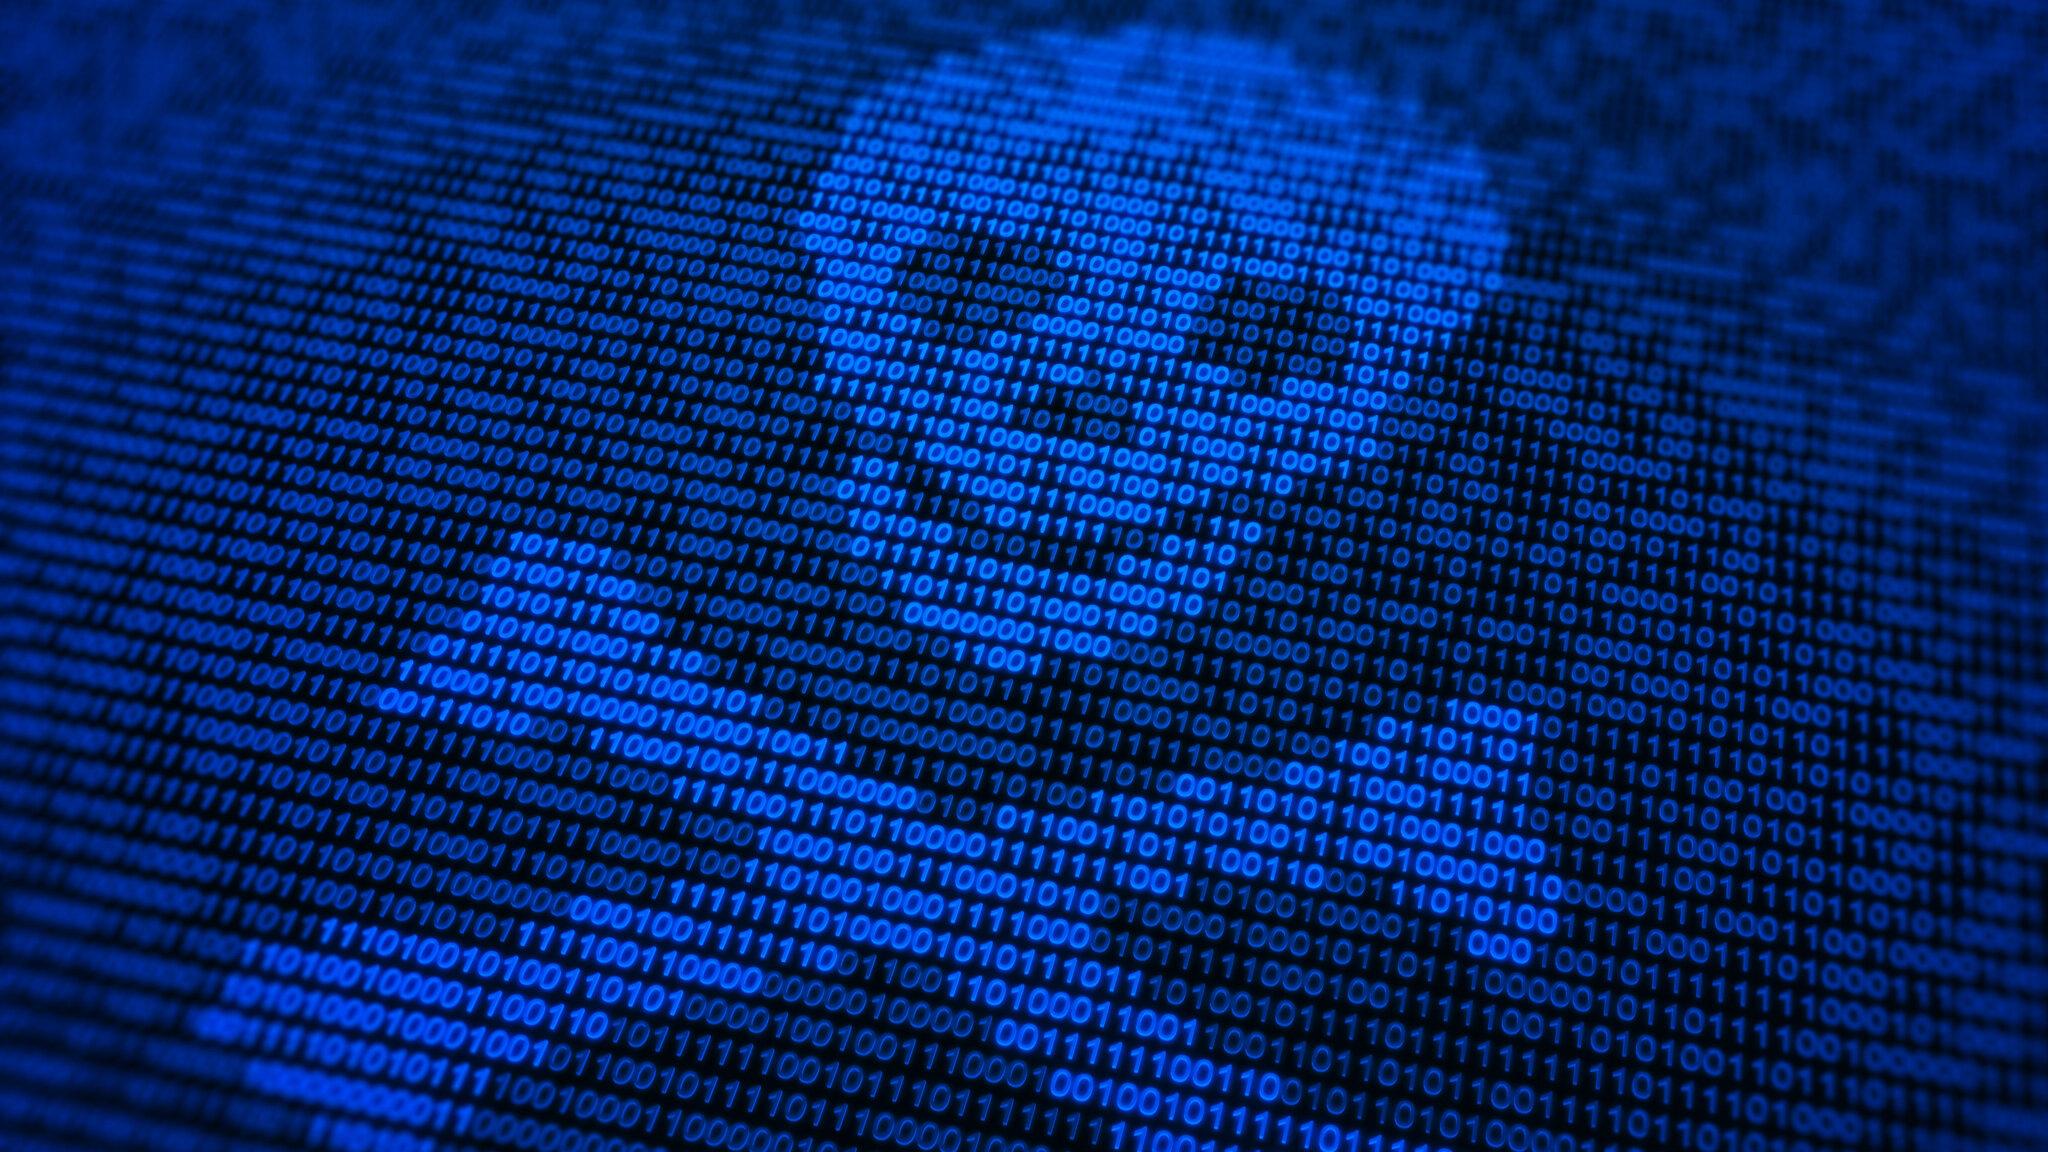 2048x1152 Skull Hacker 2048x1152 Resolution HD 4k ...